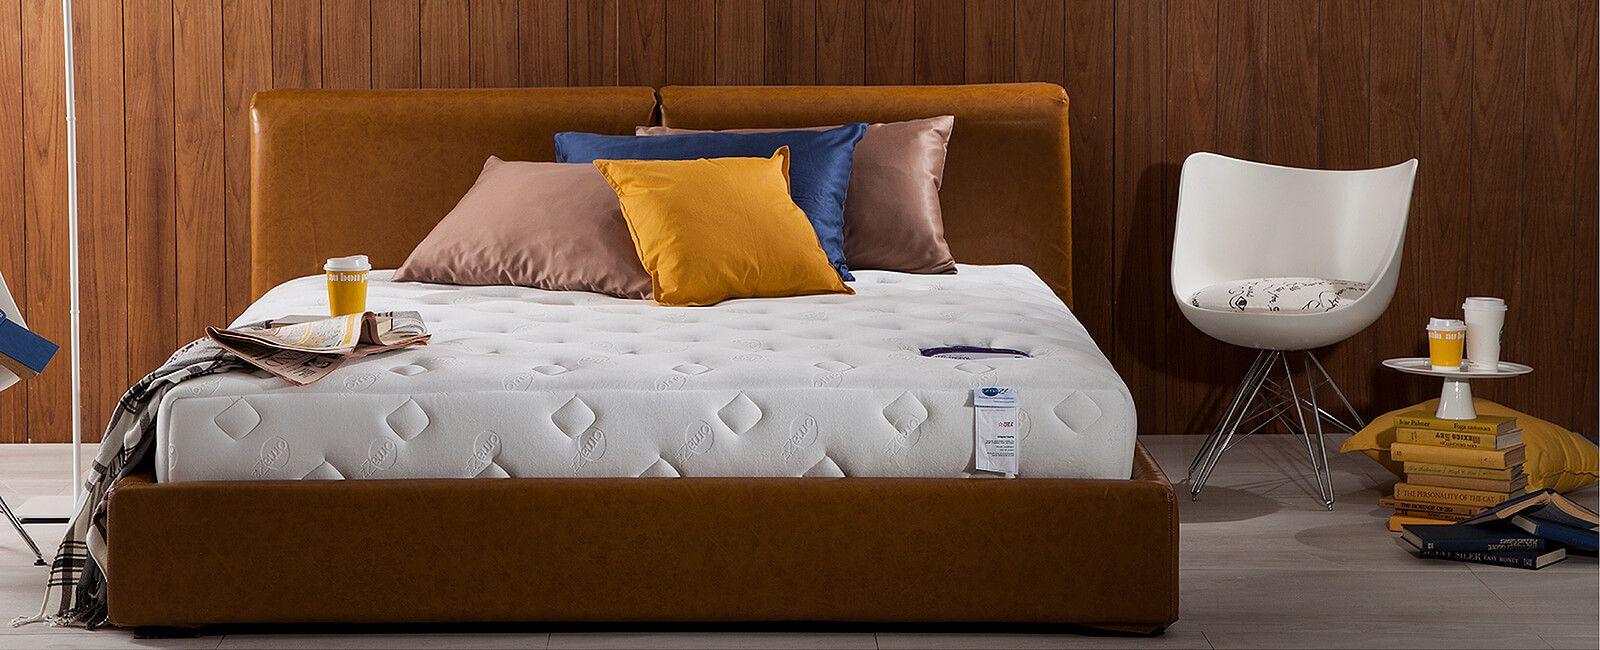 ที่นอนยางพาราราคาถูก